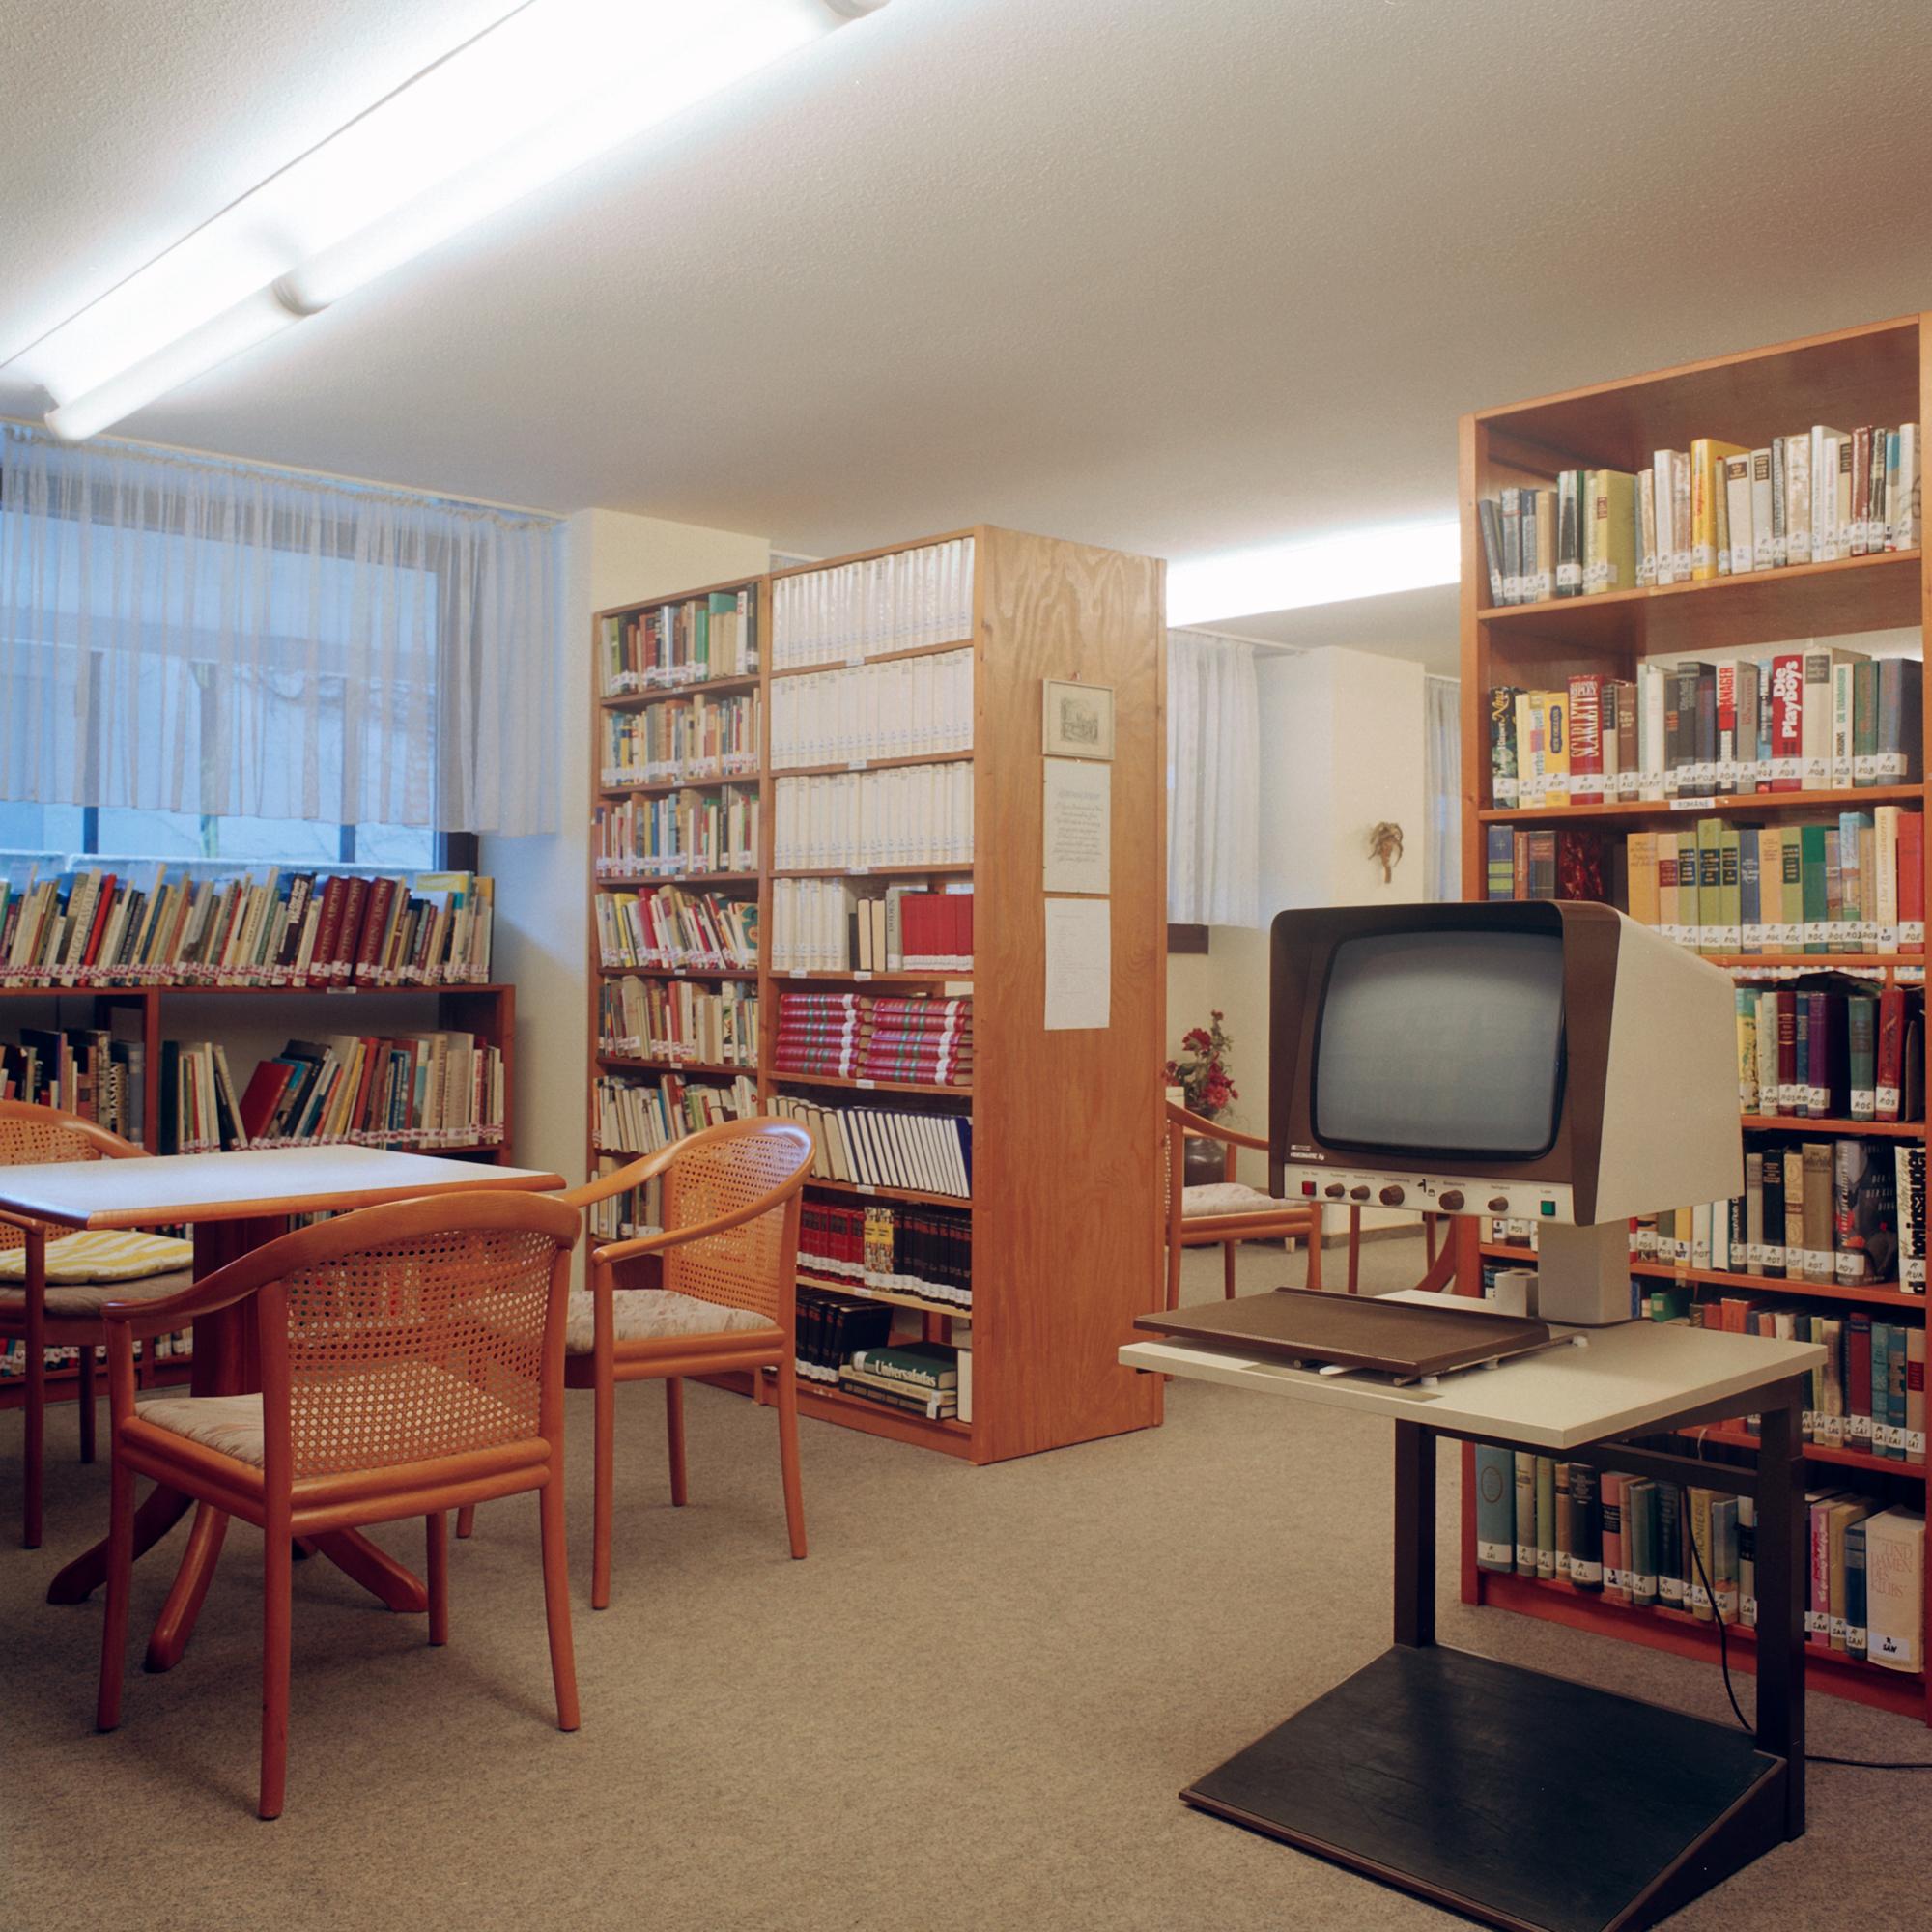 Seniorenwohnen Kieferngarten, Muenchen. Bibliothek im Seniorenwohnen Kieferngarten in der Bauernfeindstrasse 15, Muenchen, 19. Januar 2011. Fotograf: Evi Lemberger